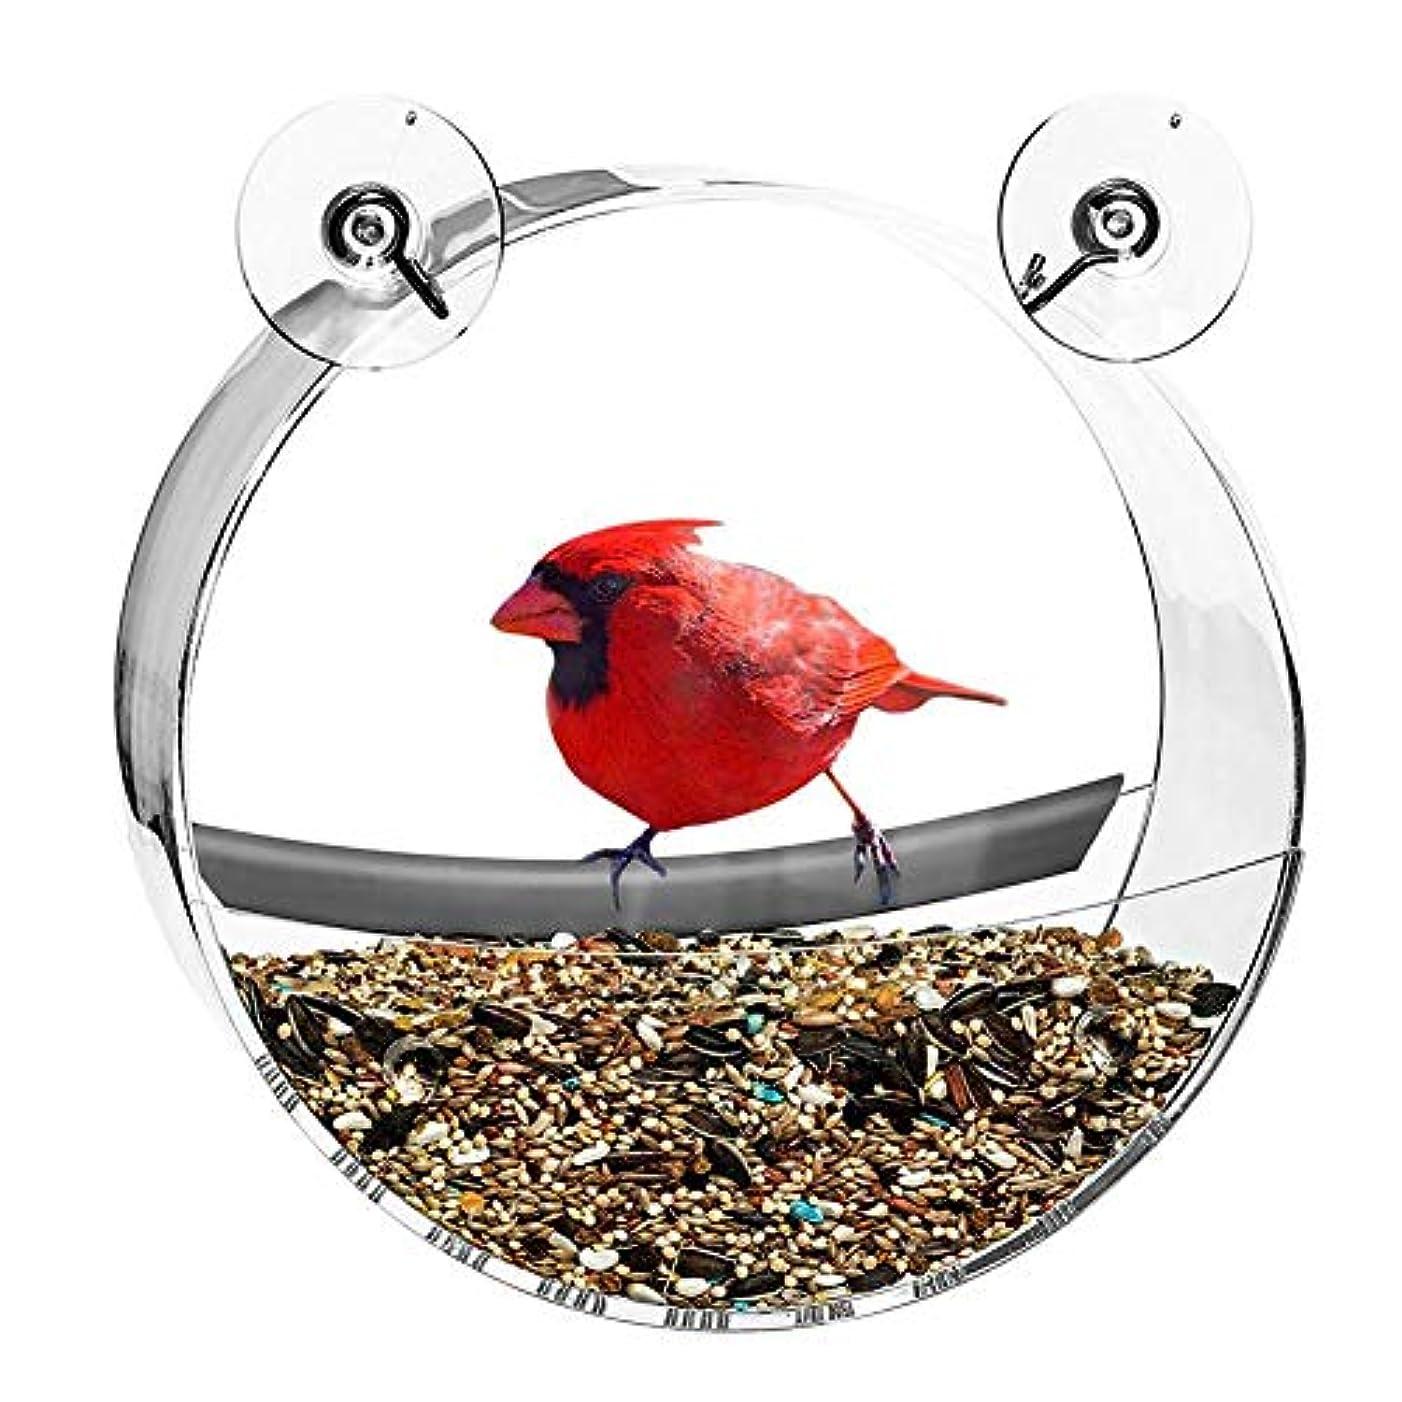 材料淡い蒸発するバードフィーダー ぶら下げ透明ラウンドサクションカップハチドリフィーダー、屋外給餌ツール、枢機卿、ブルージェイと鳥の品種